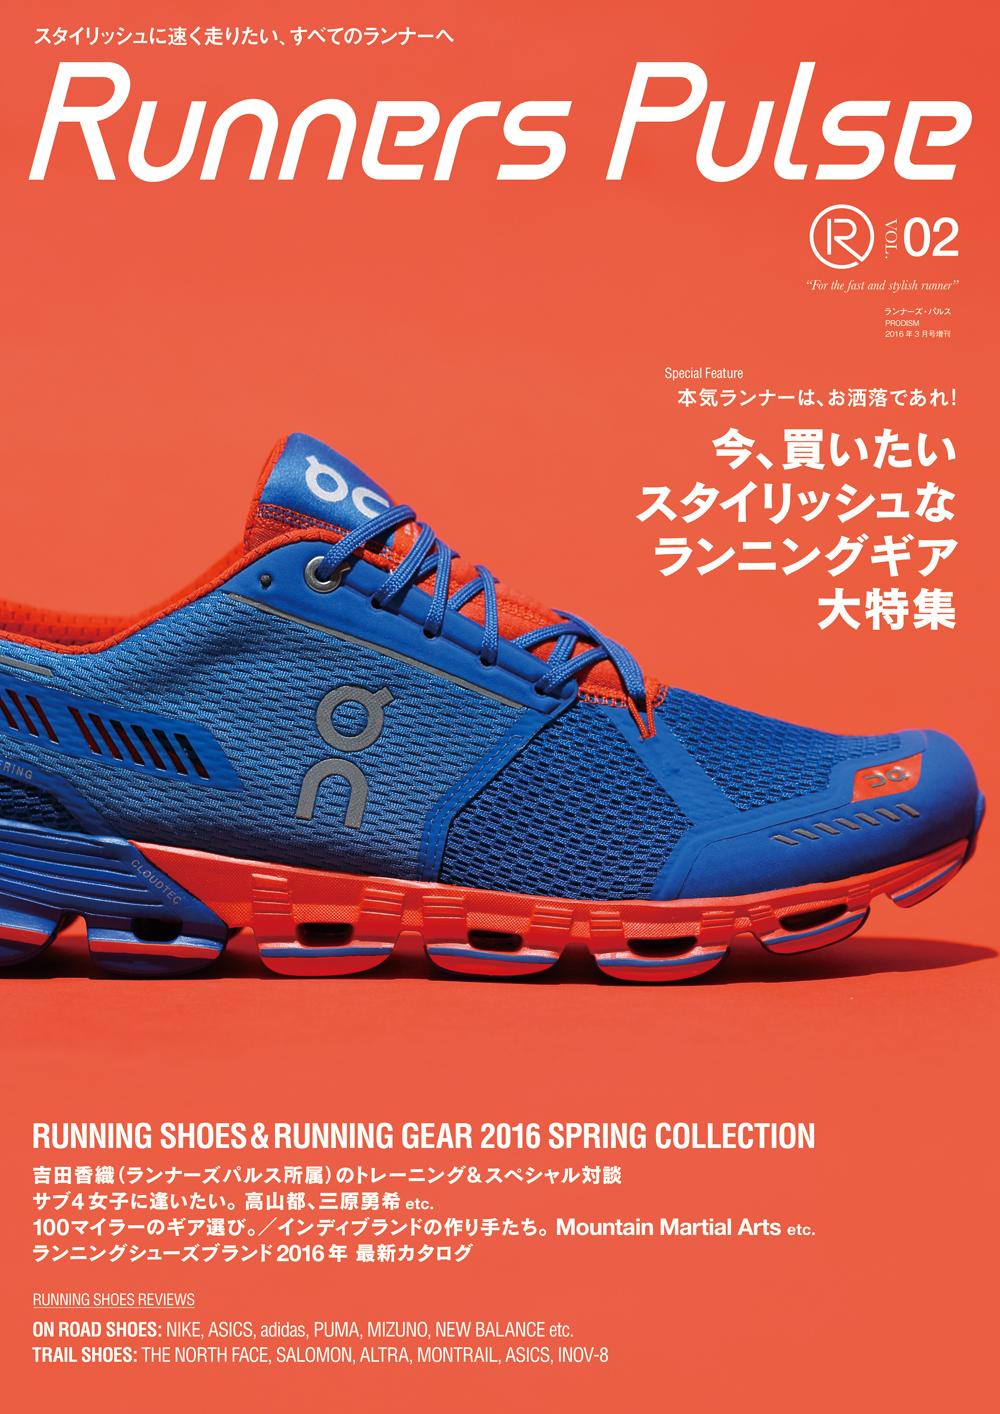 ランニング雑誌「Runners Pulse」